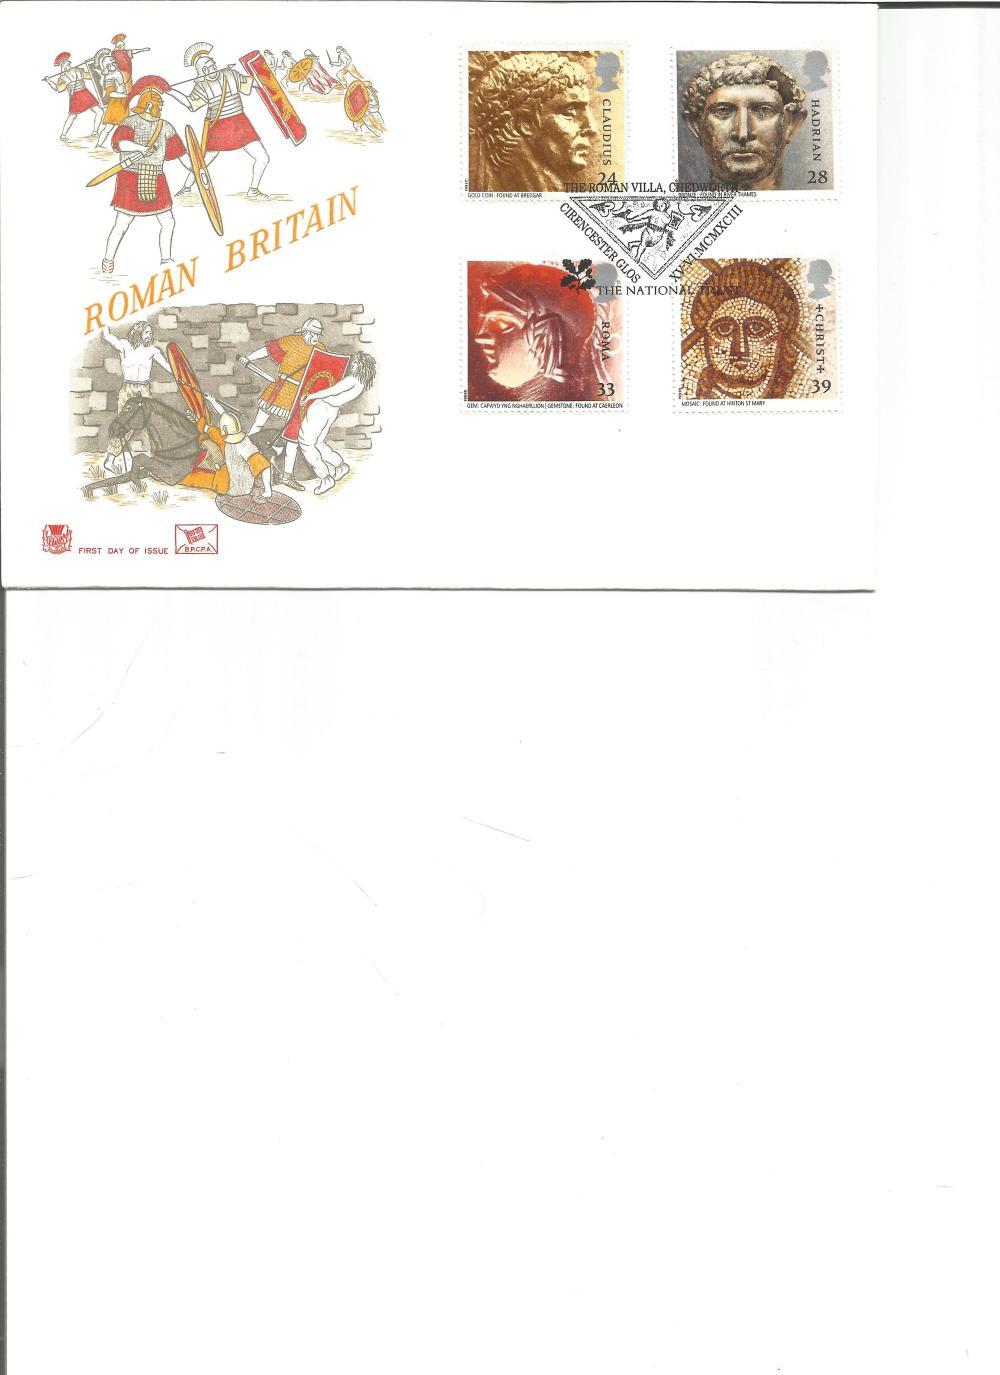 FDC Roman Britain c/w set four commemorative stamps PM The Roman Villa, Chedworth, Cirencester,